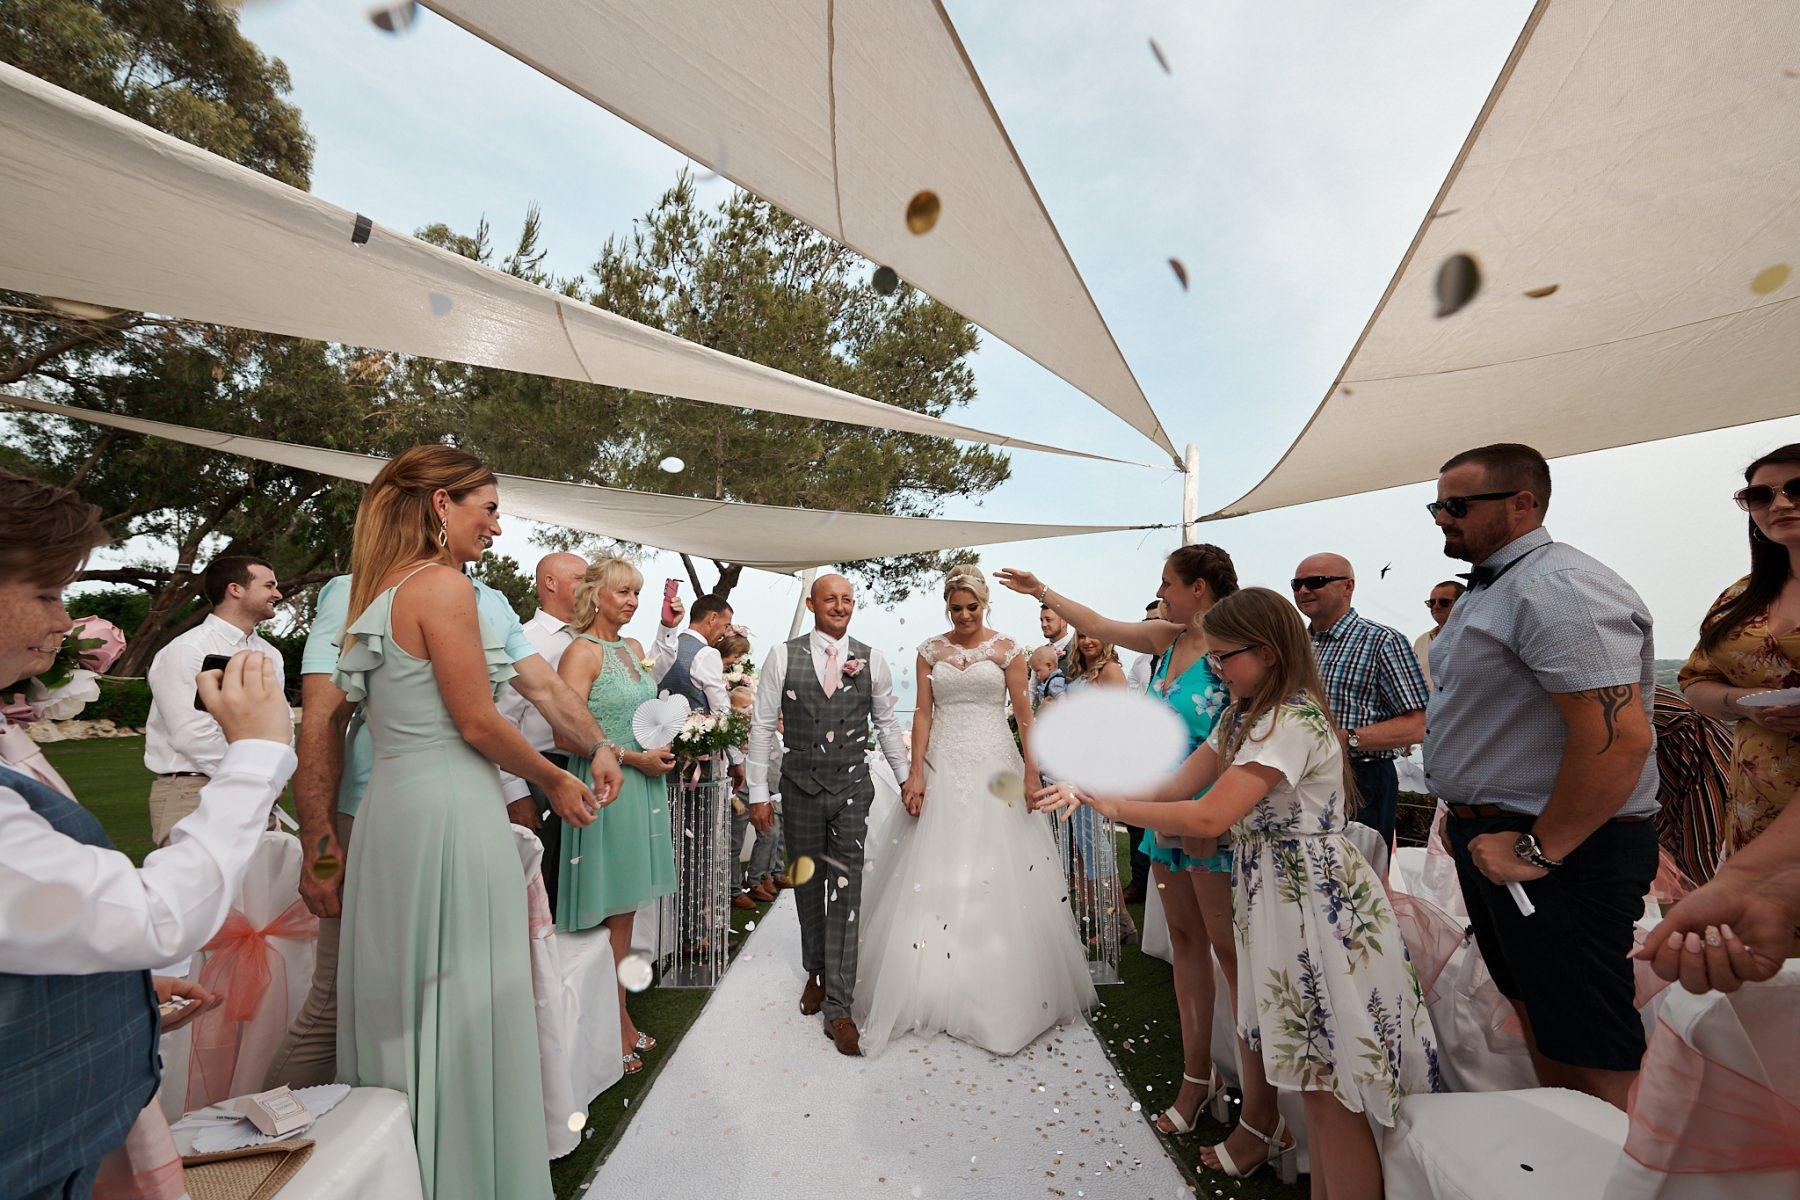 The wedding of Julie and Craig at the Grecian Parlk Hotel in Protaras, Ayia Napa. May 2019